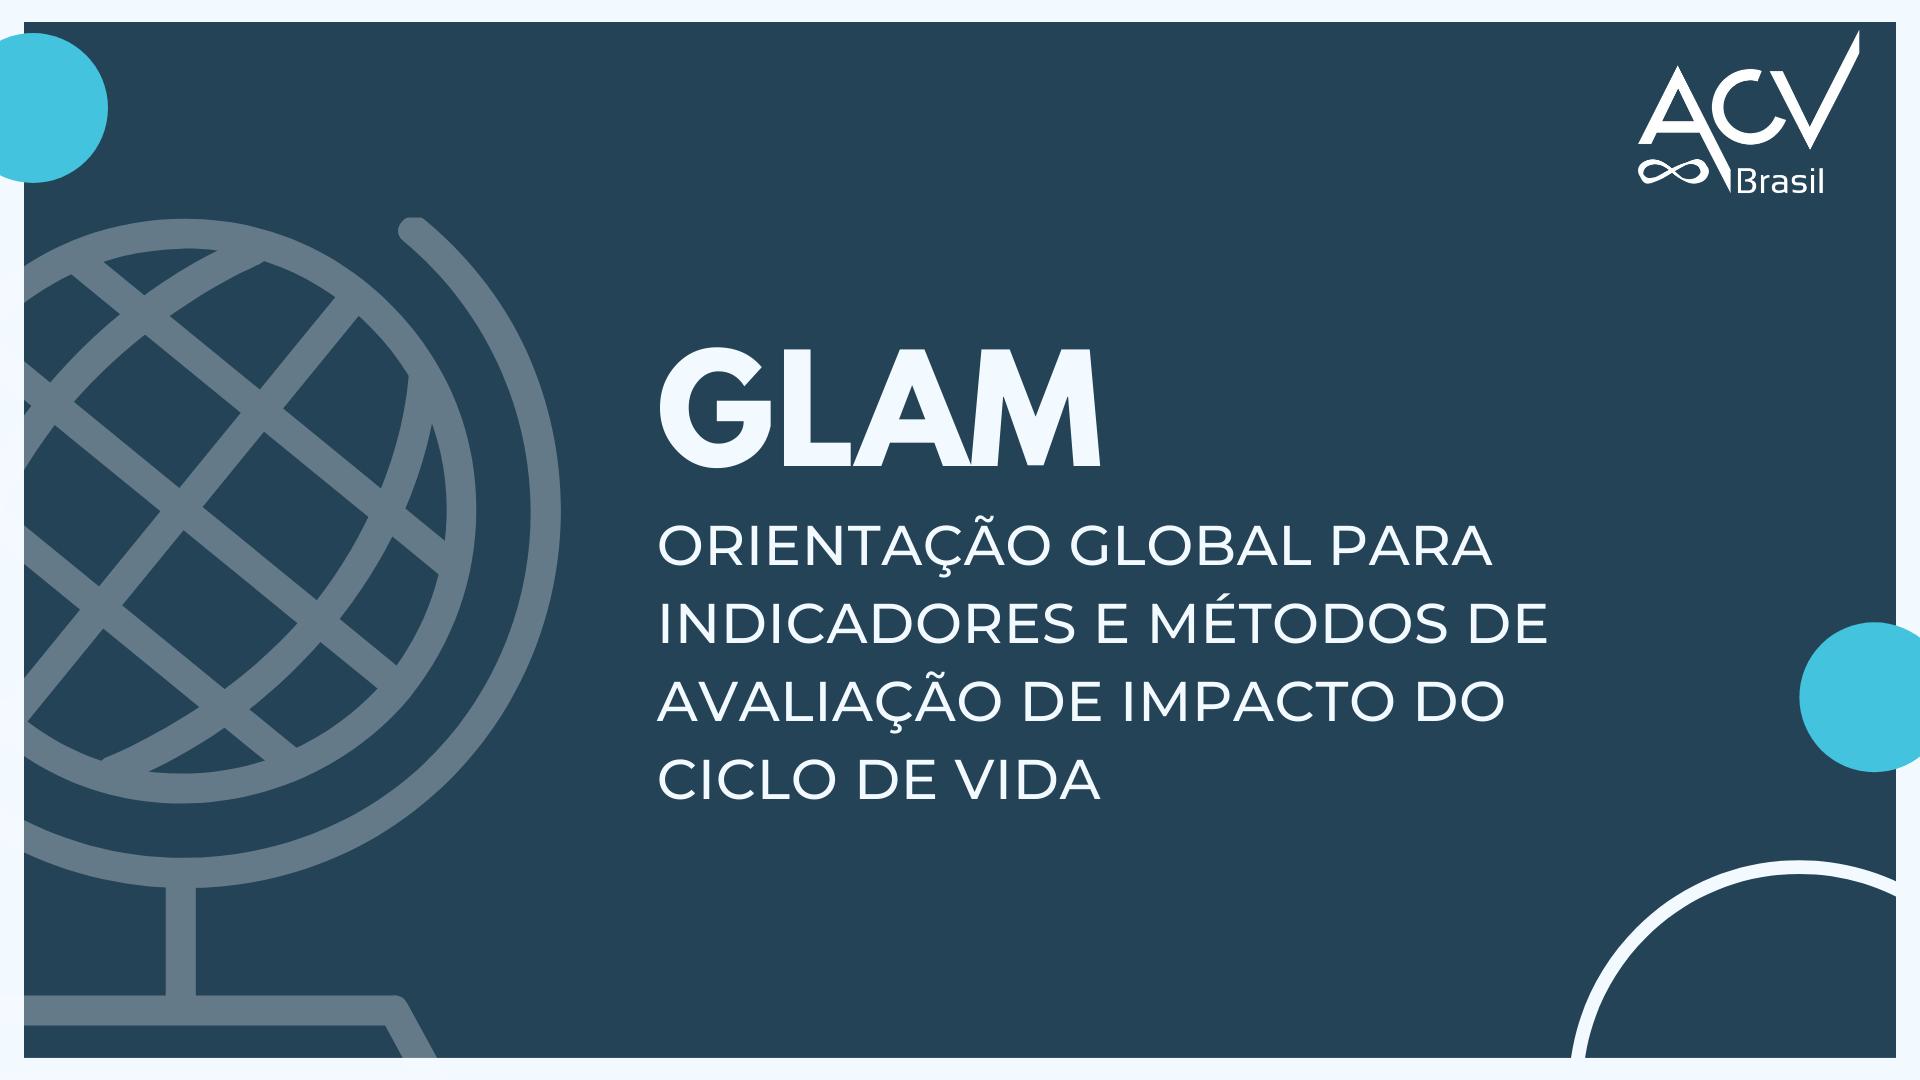 Orientação Global para Indicadores e Métodos de Avaliação de Impacto do Ciclo de Vida (GLAM)